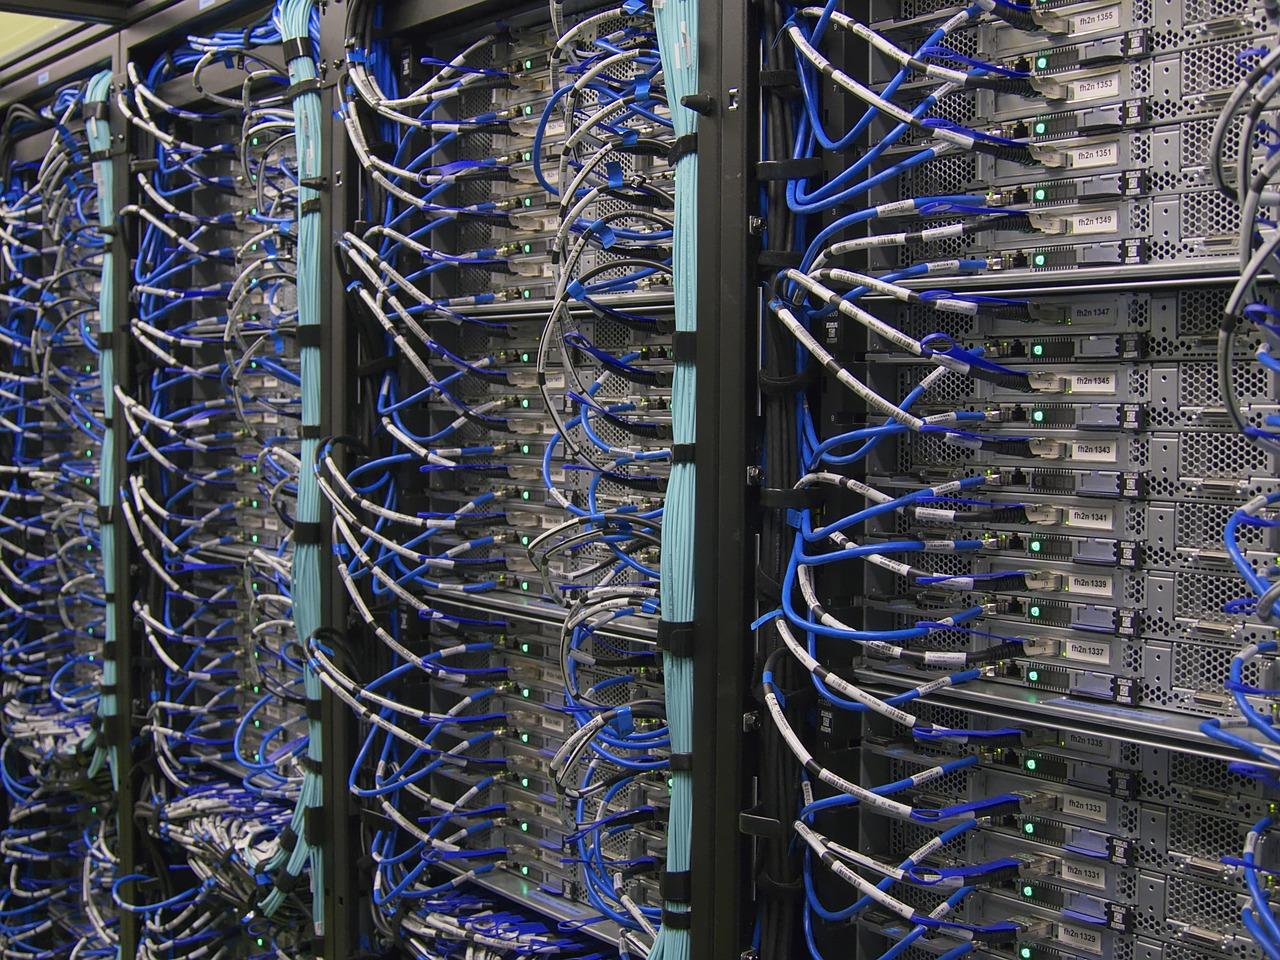 Mehrere Server sind durch blaue Netzwerkkabel miteinander verbunden.